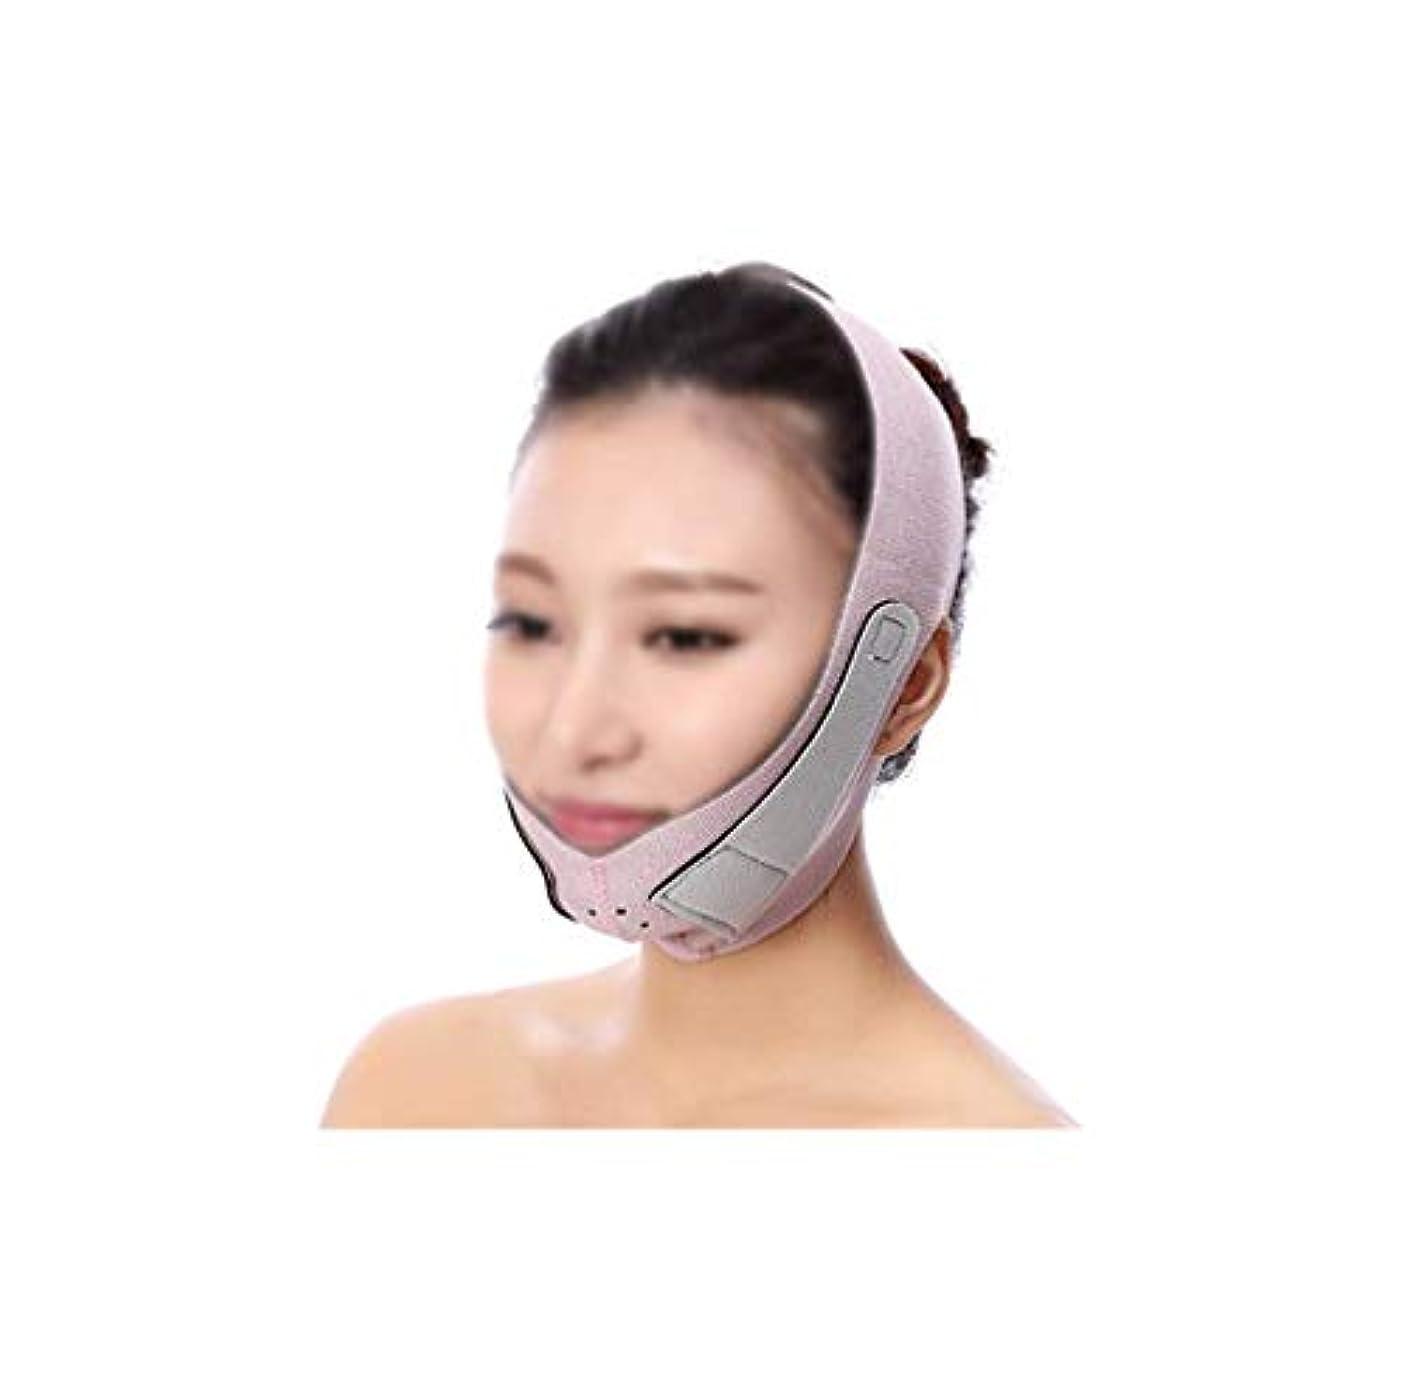 コマースジャーナリスト白内障フェイスリフトマスク、顎ストラップ回復包帯小V顔薄い顔アーティファクト睡眠強力なマスクフェイスリフティング包帯フェイシャルリフティングダブルチンリフティングファーミング